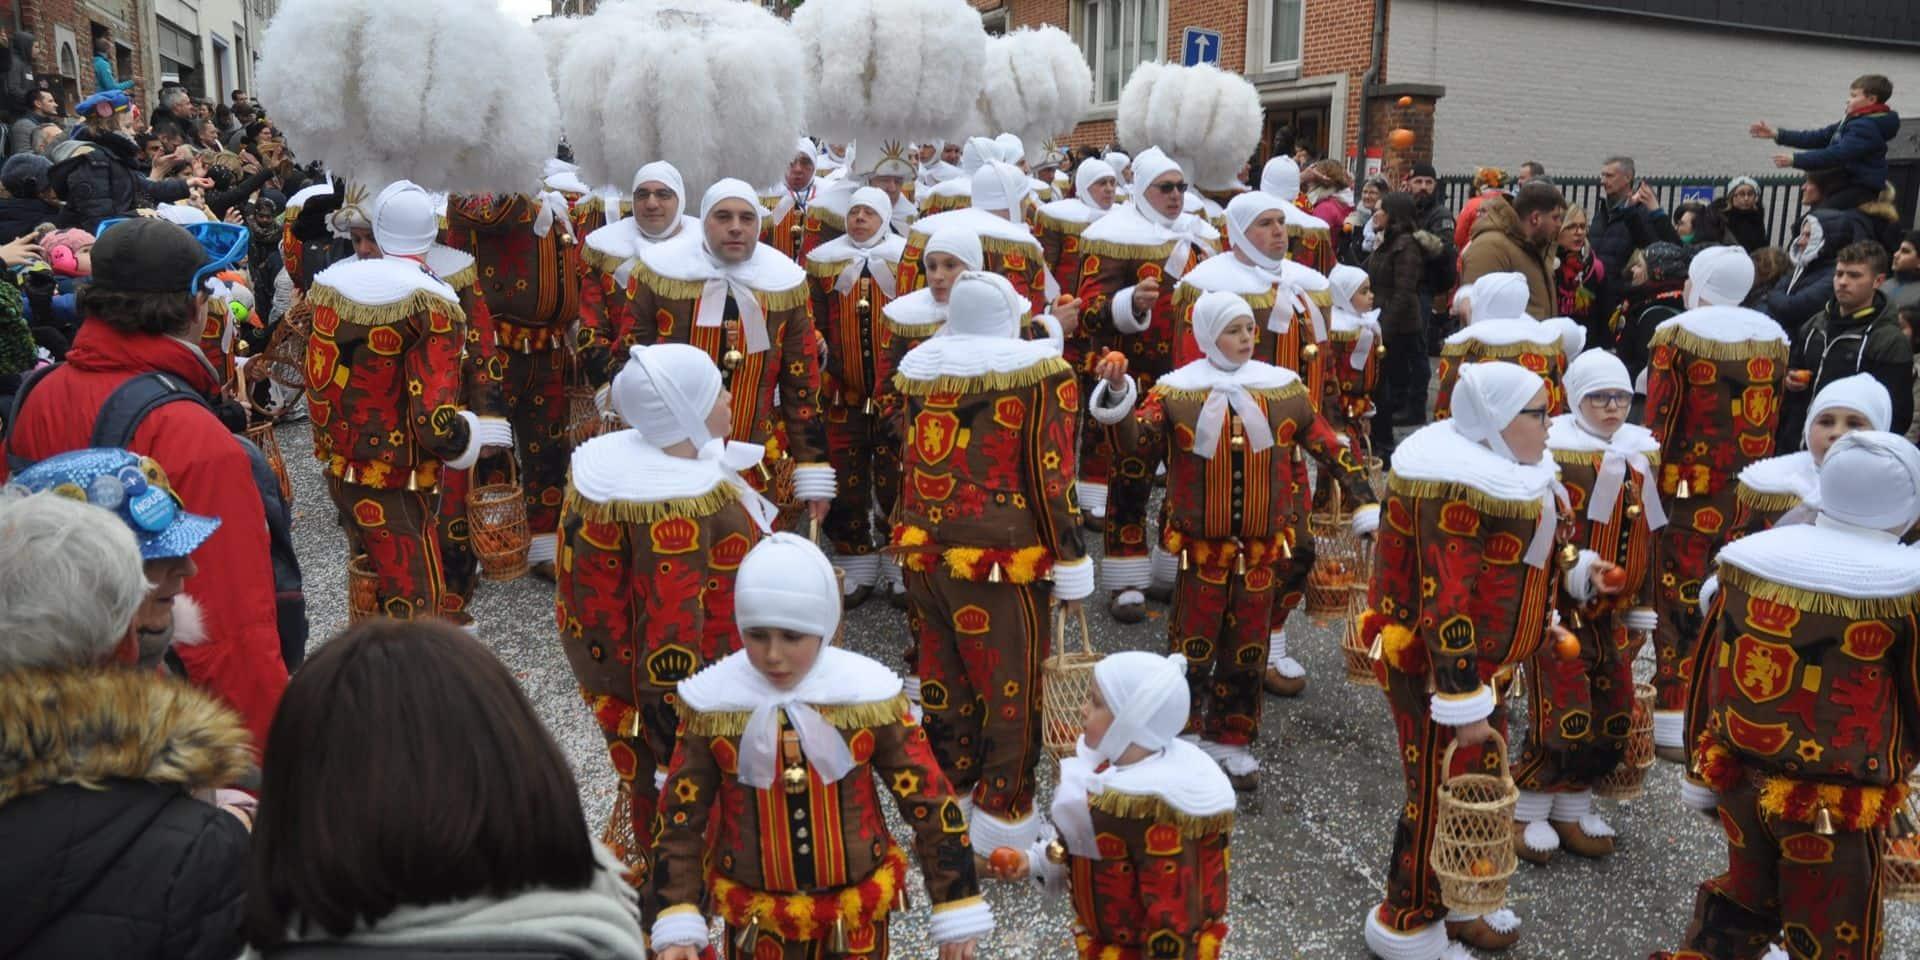 L'édition 2022 du carnaval de Nivelles se confirme